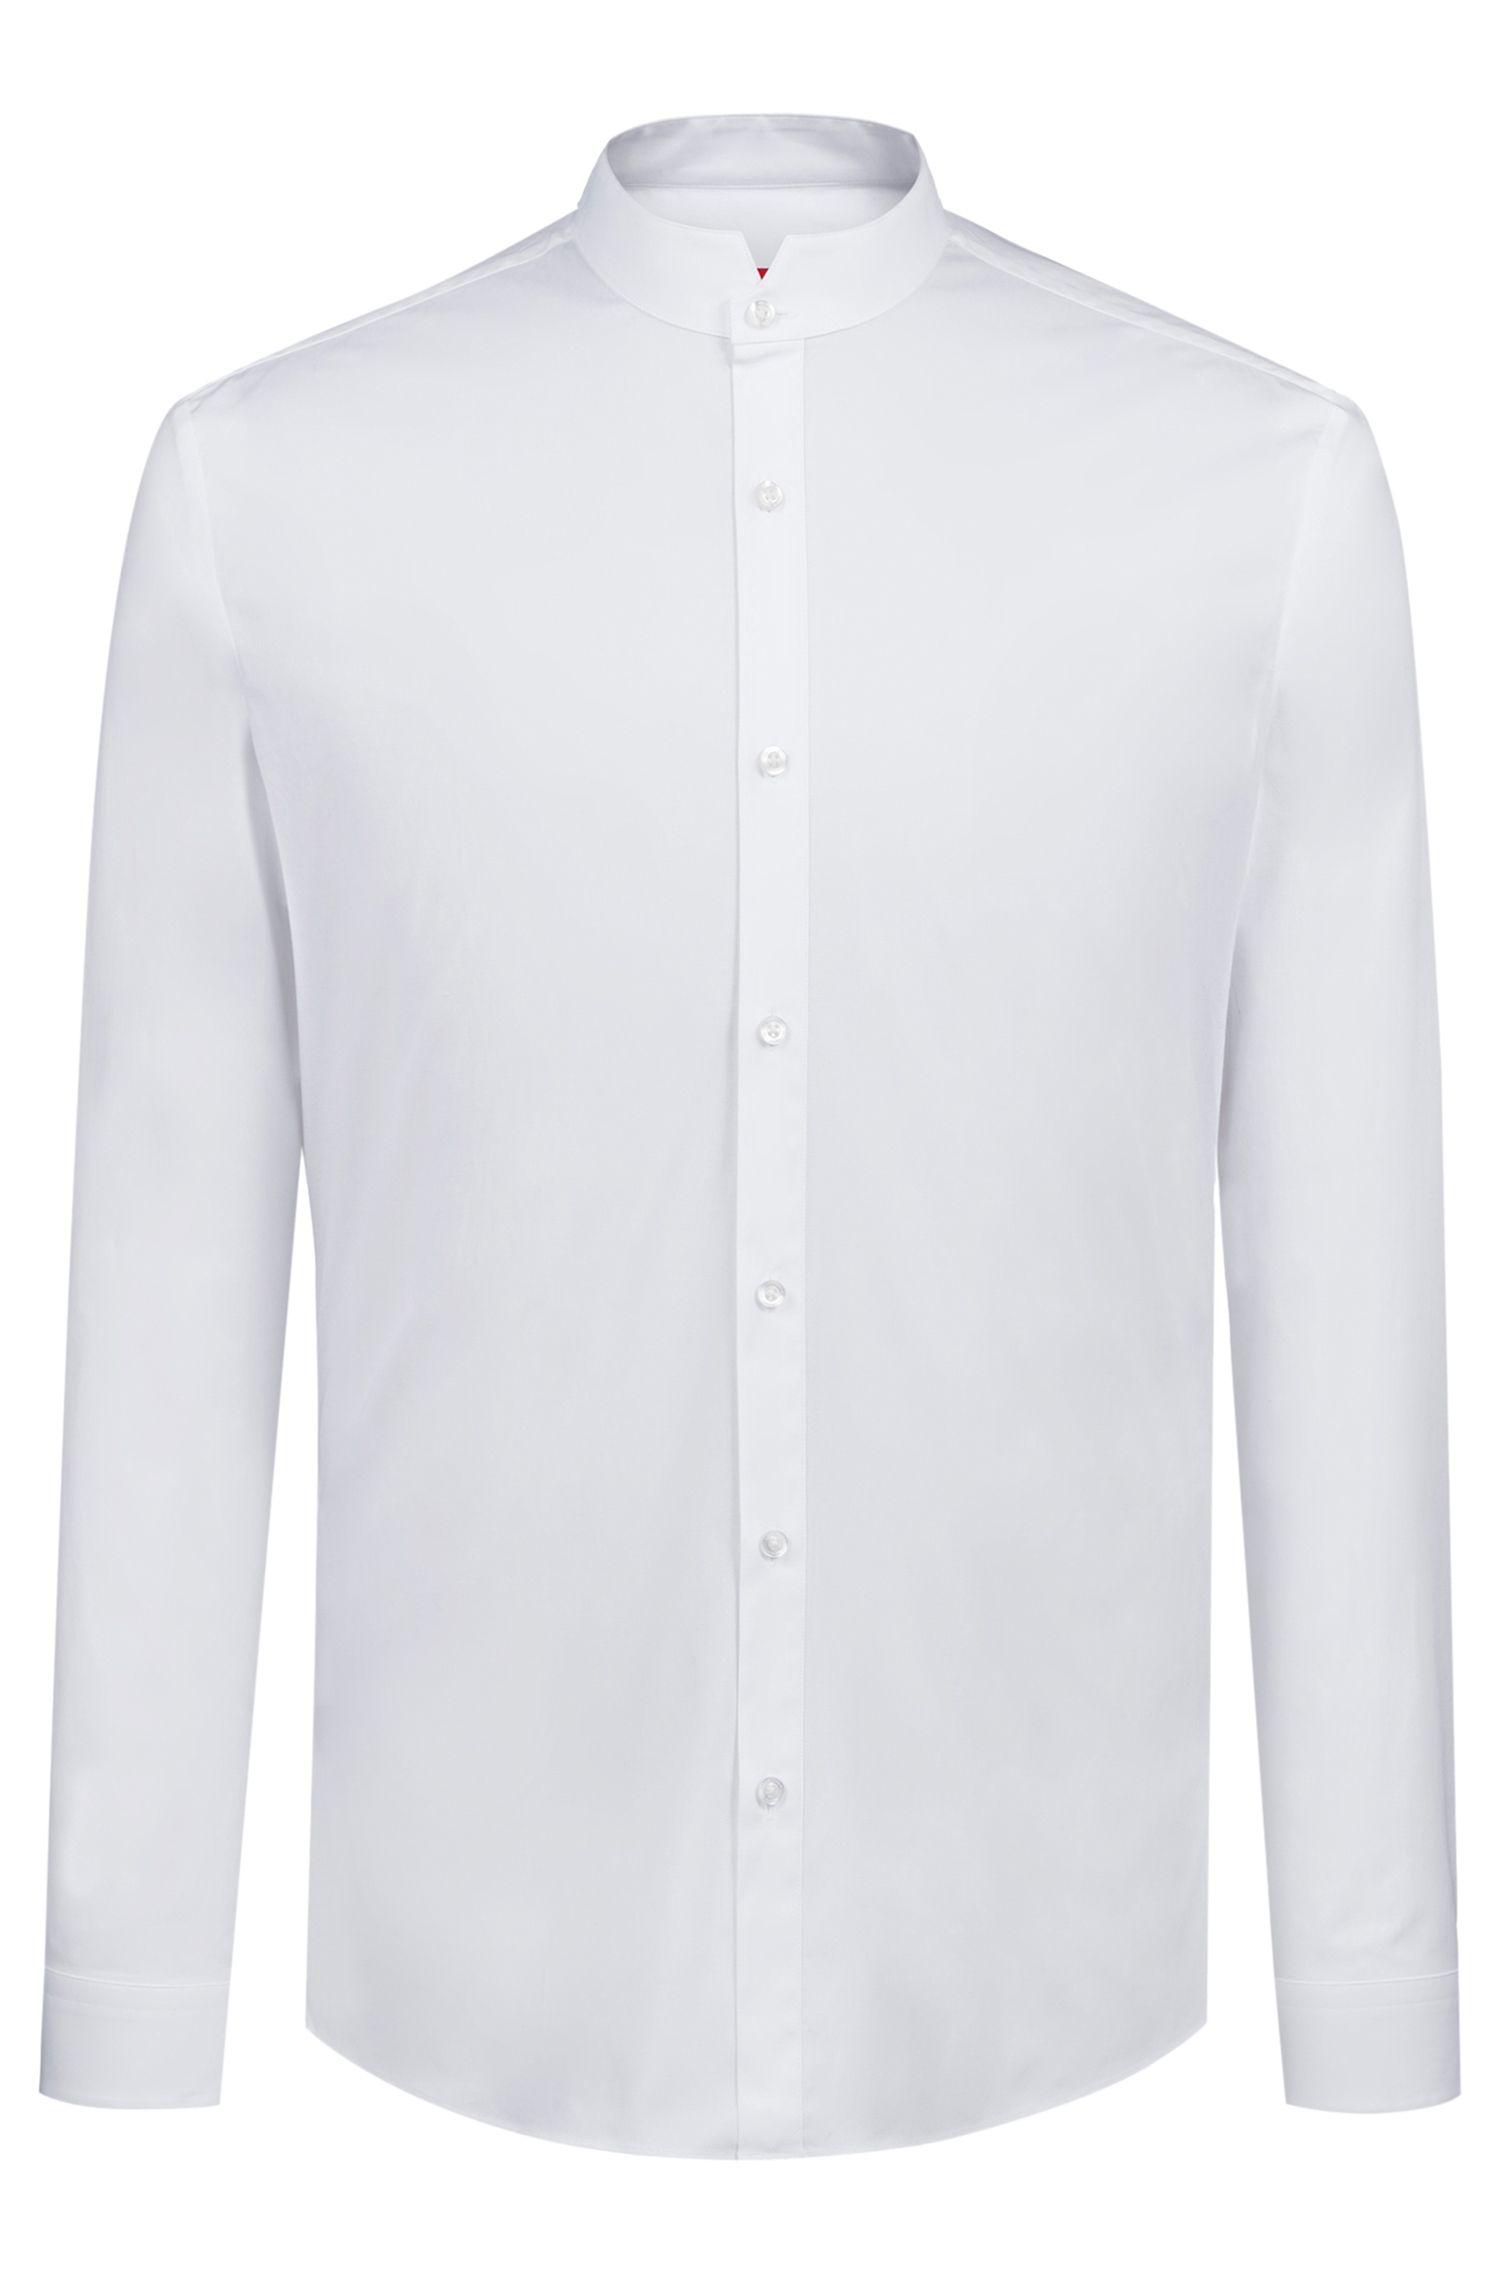 Extra Slim-Fit Hemd aus Stretch-Baumwolle mit Stehkragen, Weiß